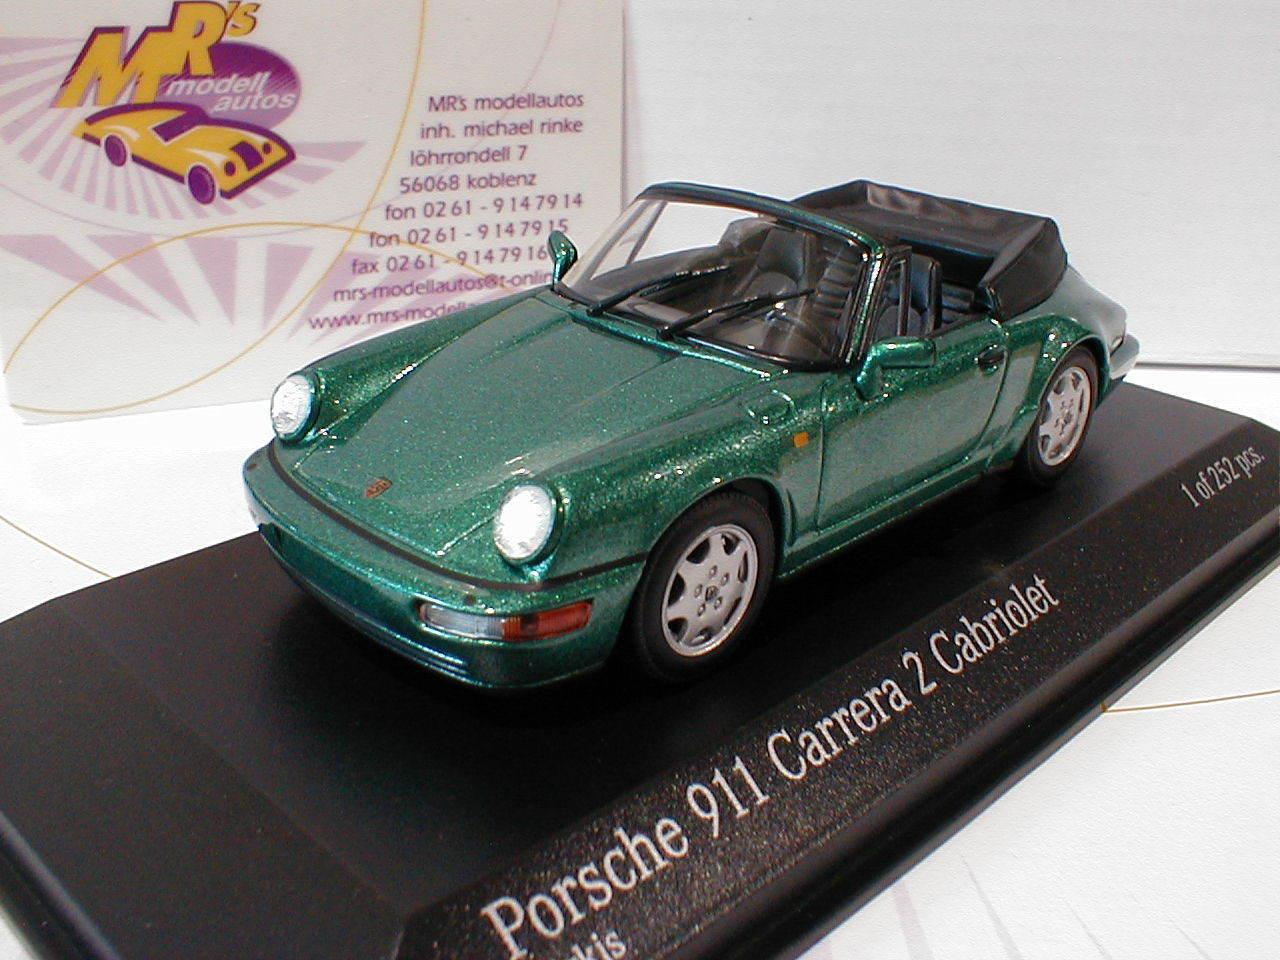 Minichamps Minichamps Minichamps 430067332   Porsche 911 (964) Carrera 2 Cabriolet Baujahr 1990 1 43  | Der neueste Stil  4ccd9a